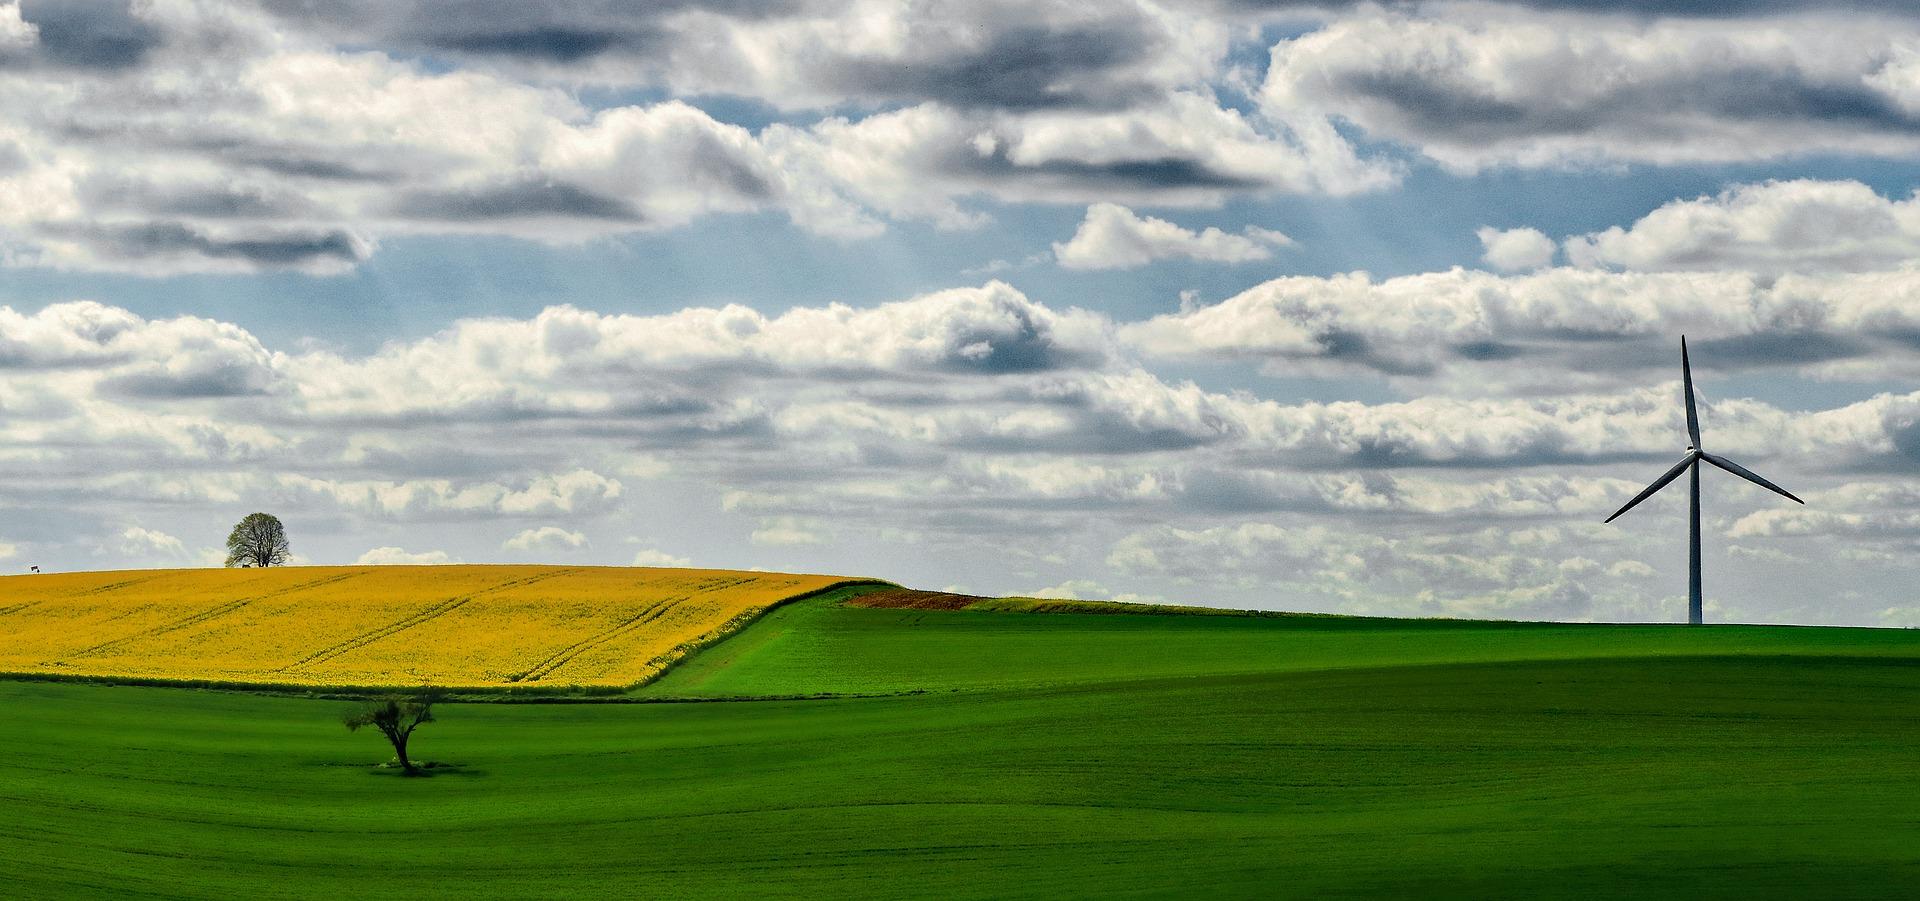 fields-2233019_1920